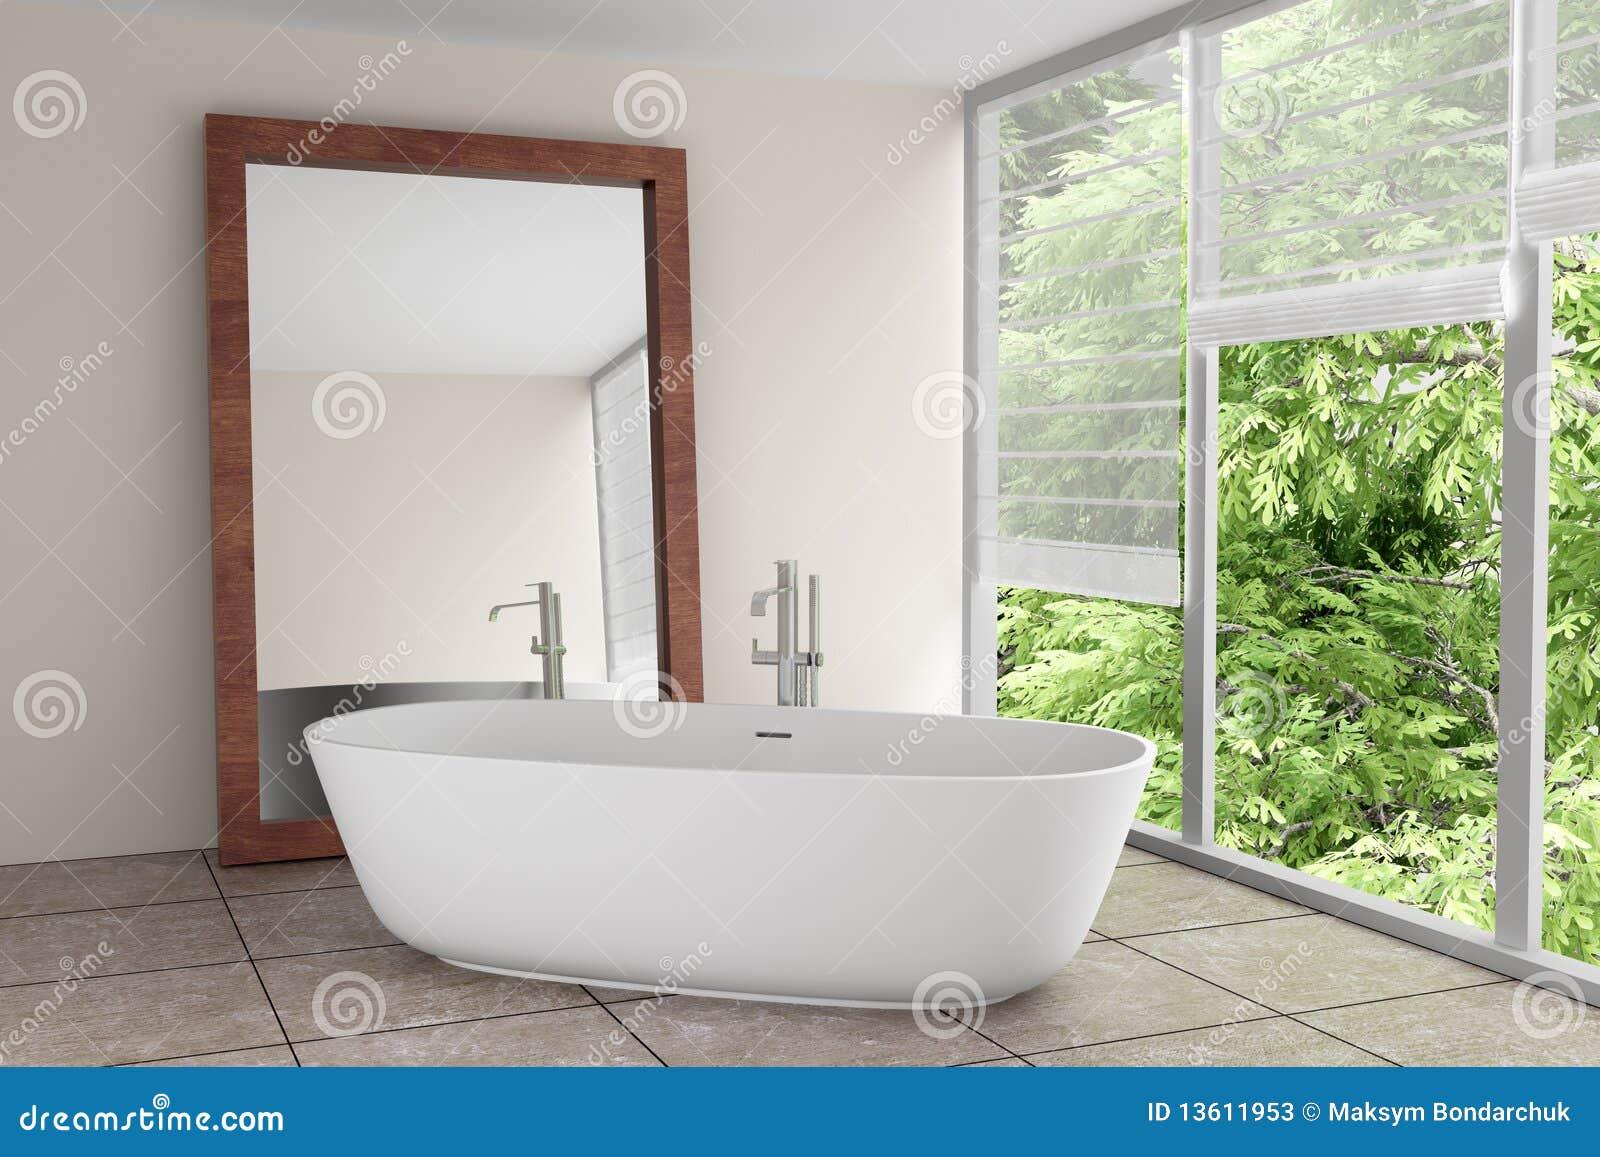 Fotos de Stock: Banheiro moderno com grande espelho #769536 1300 957